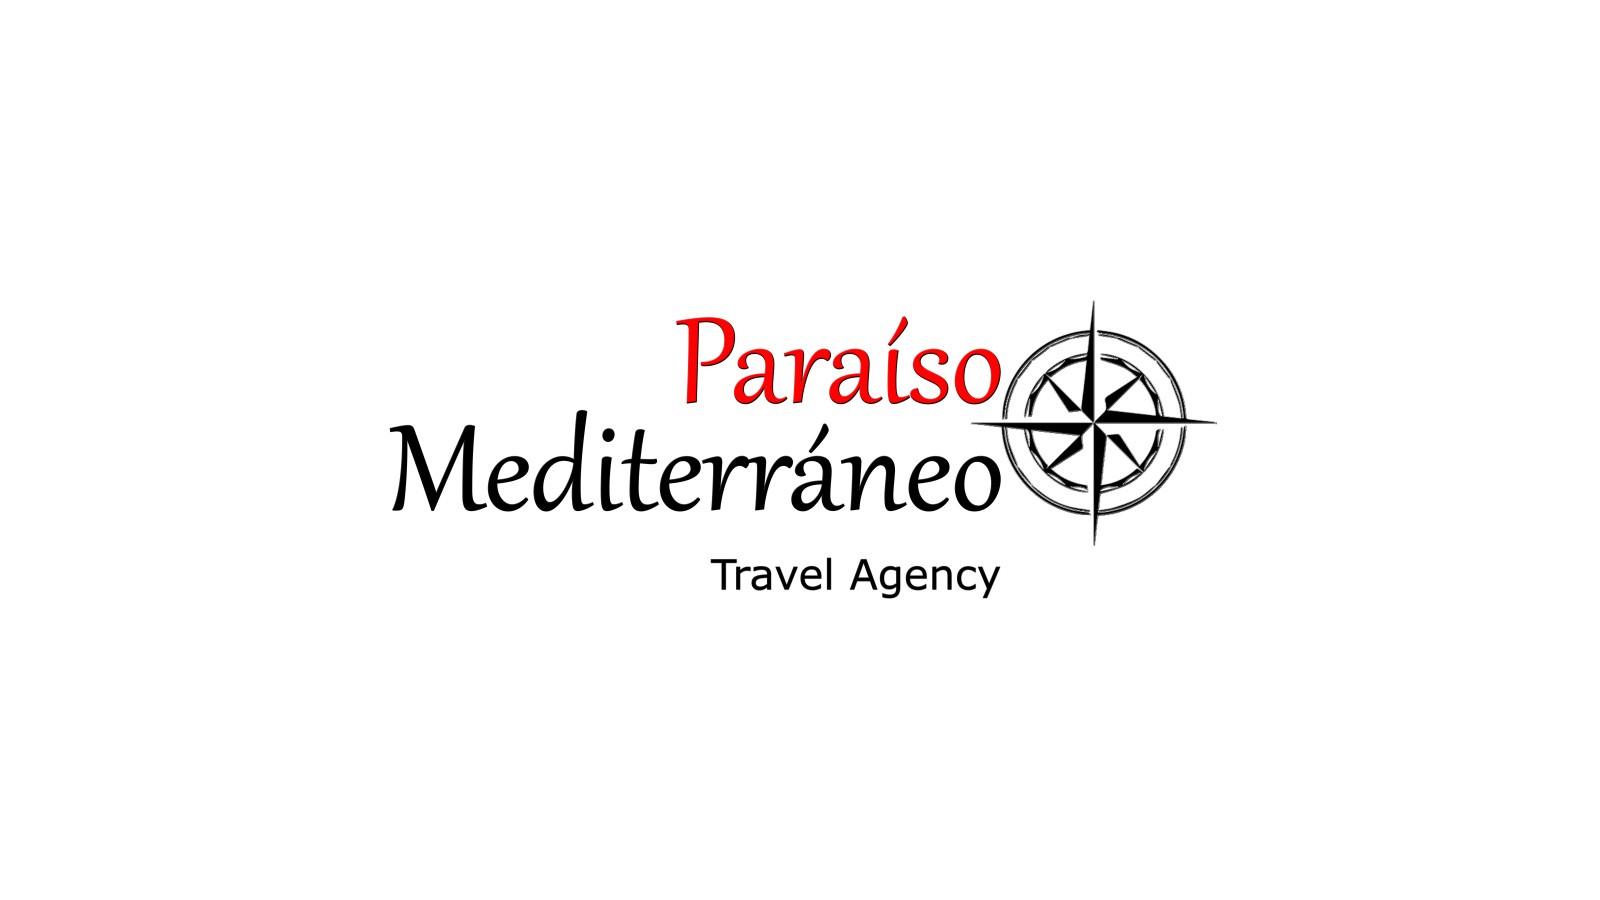 Paraiso Mediterraneo | Rotonda centar